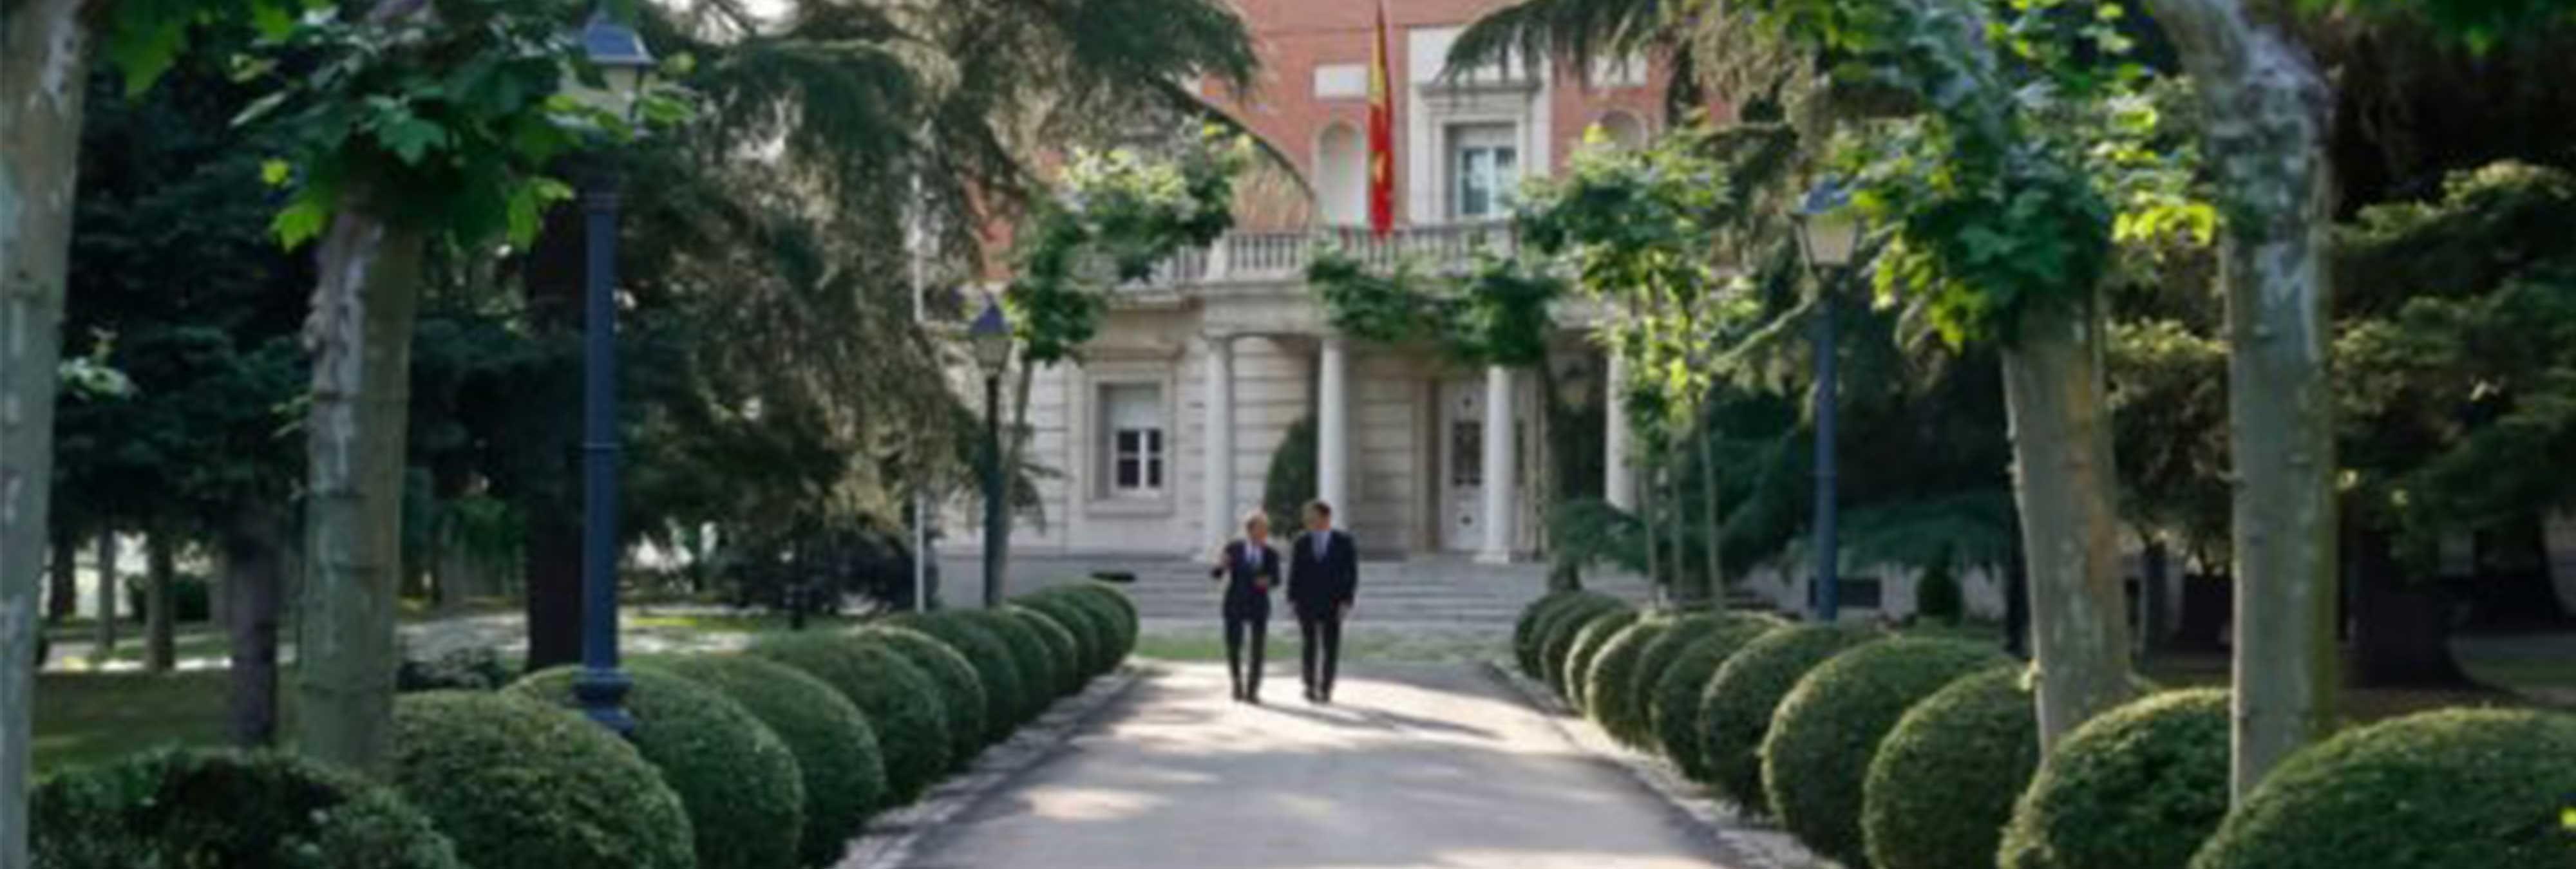 El mantenimiento de los jardines de la Moncloa asciende a más de 230.000 euros